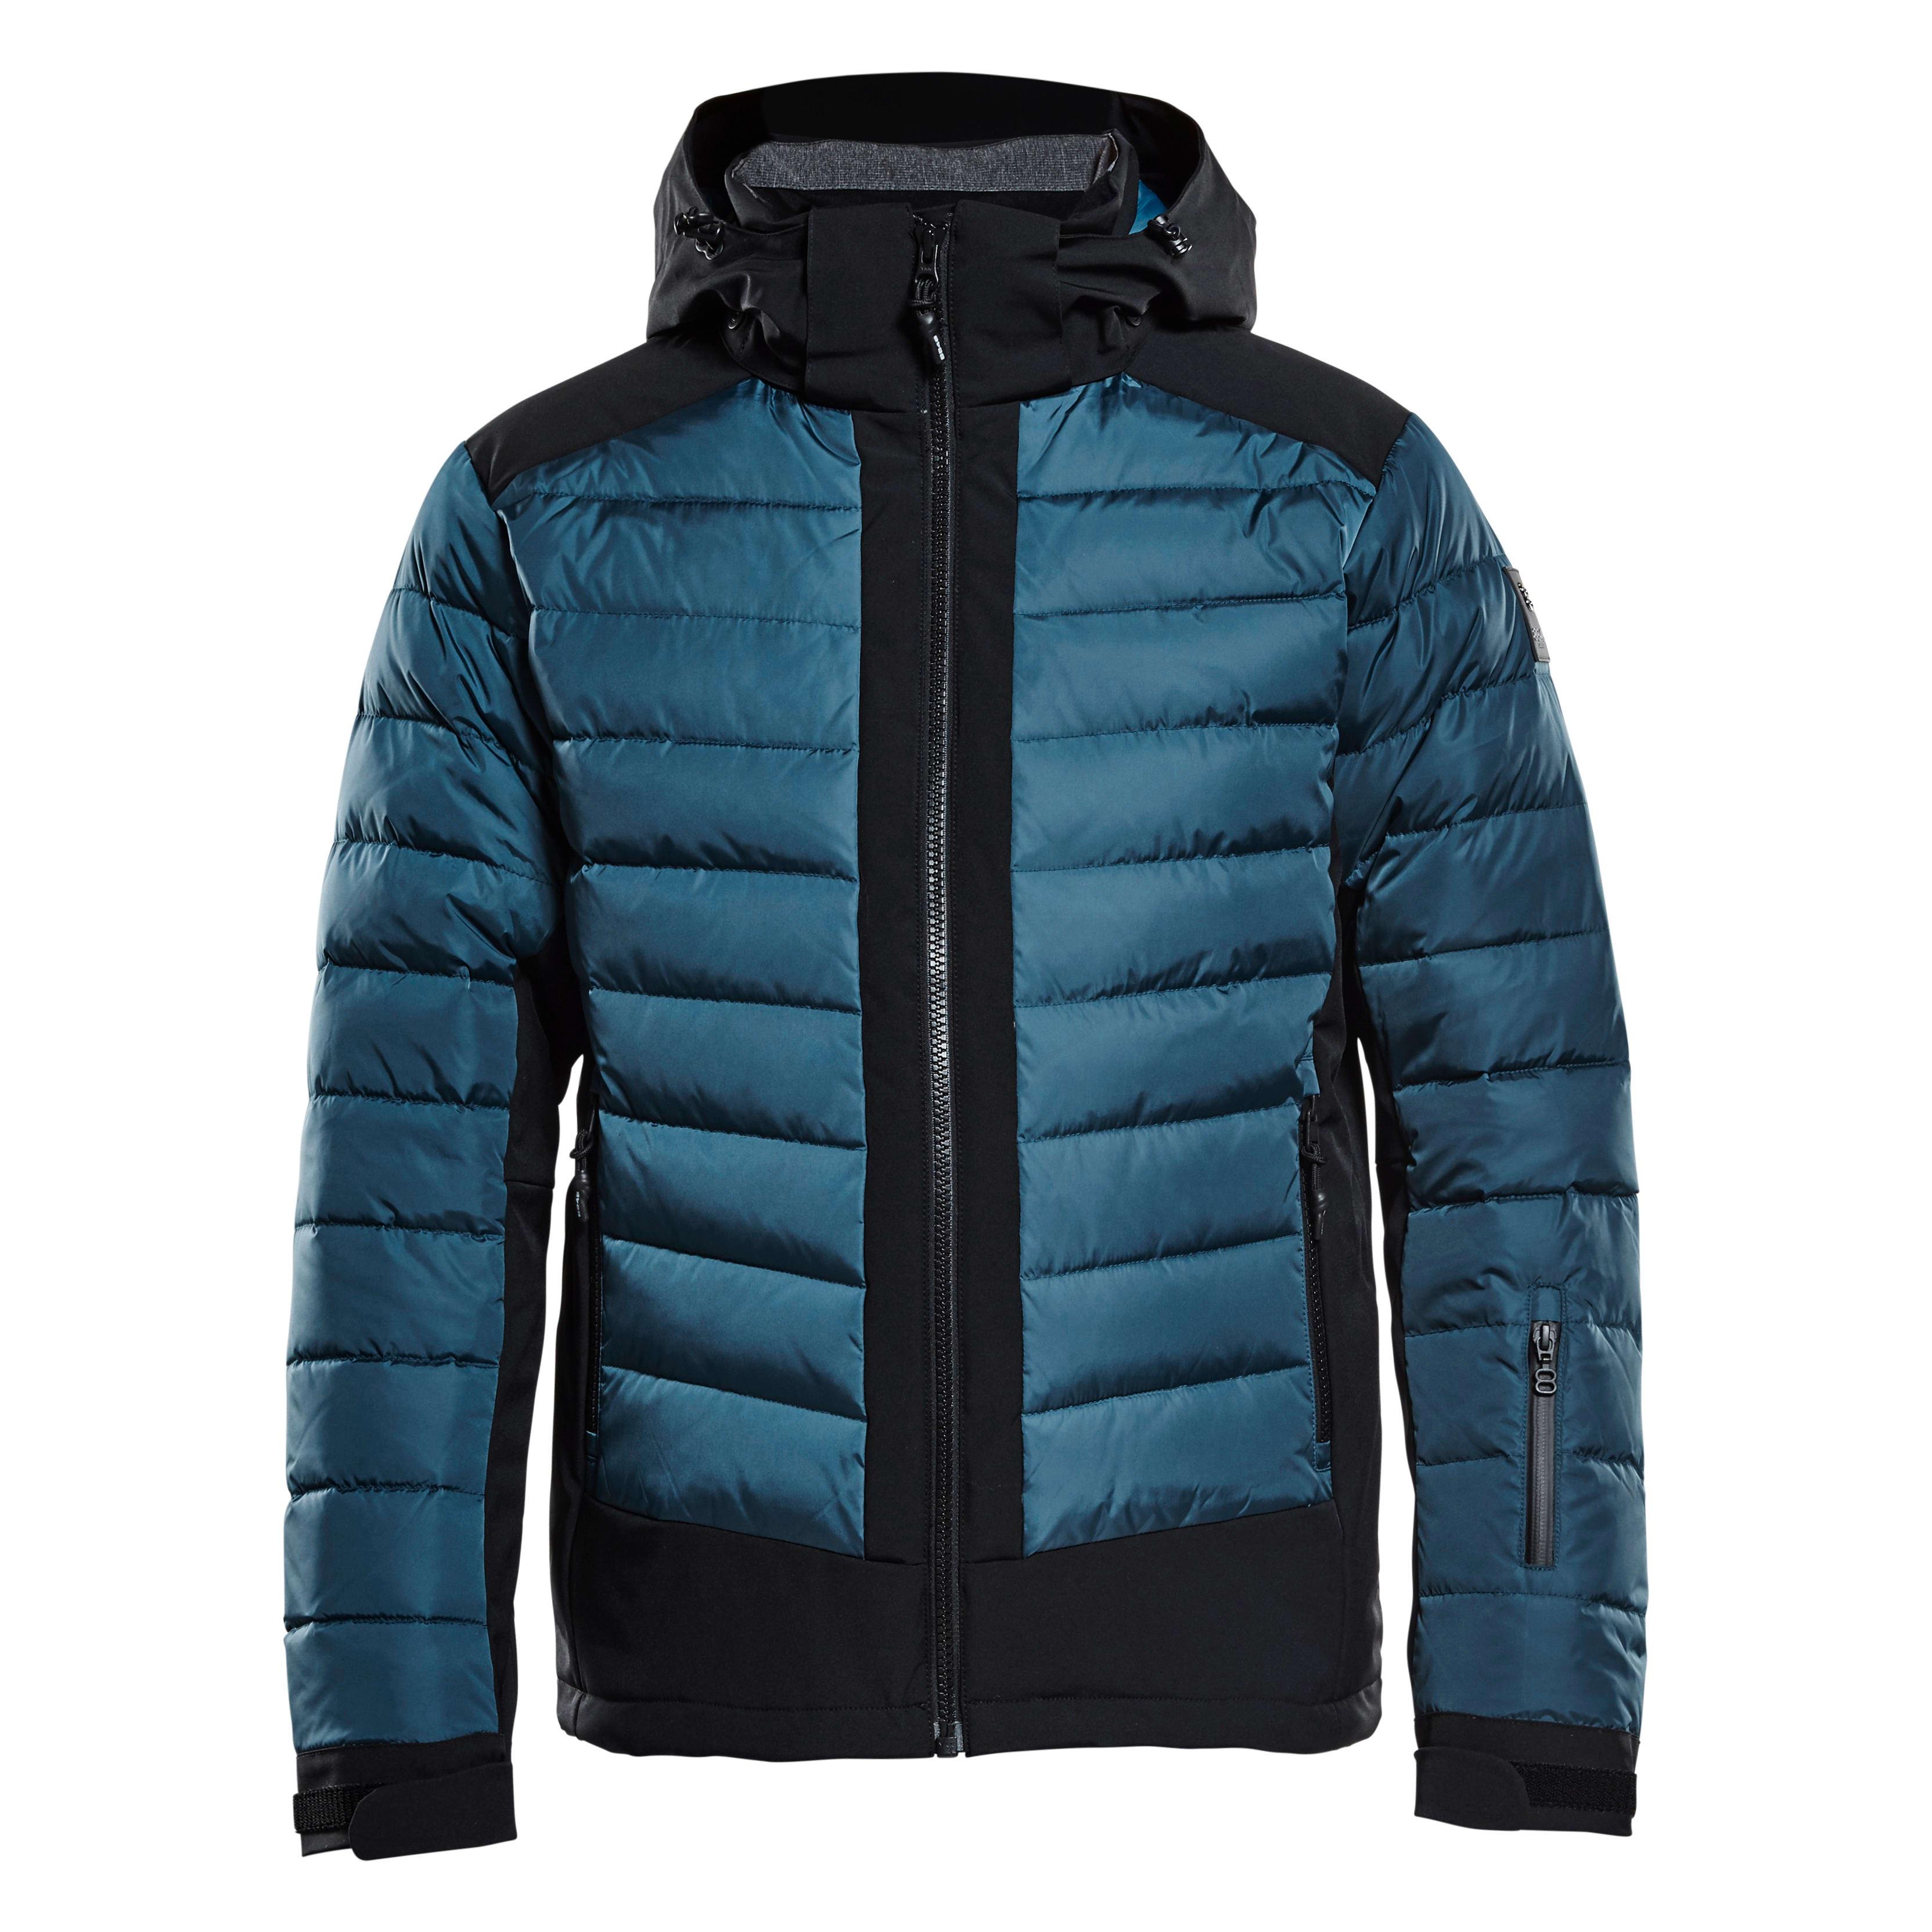 Fayston Jacket